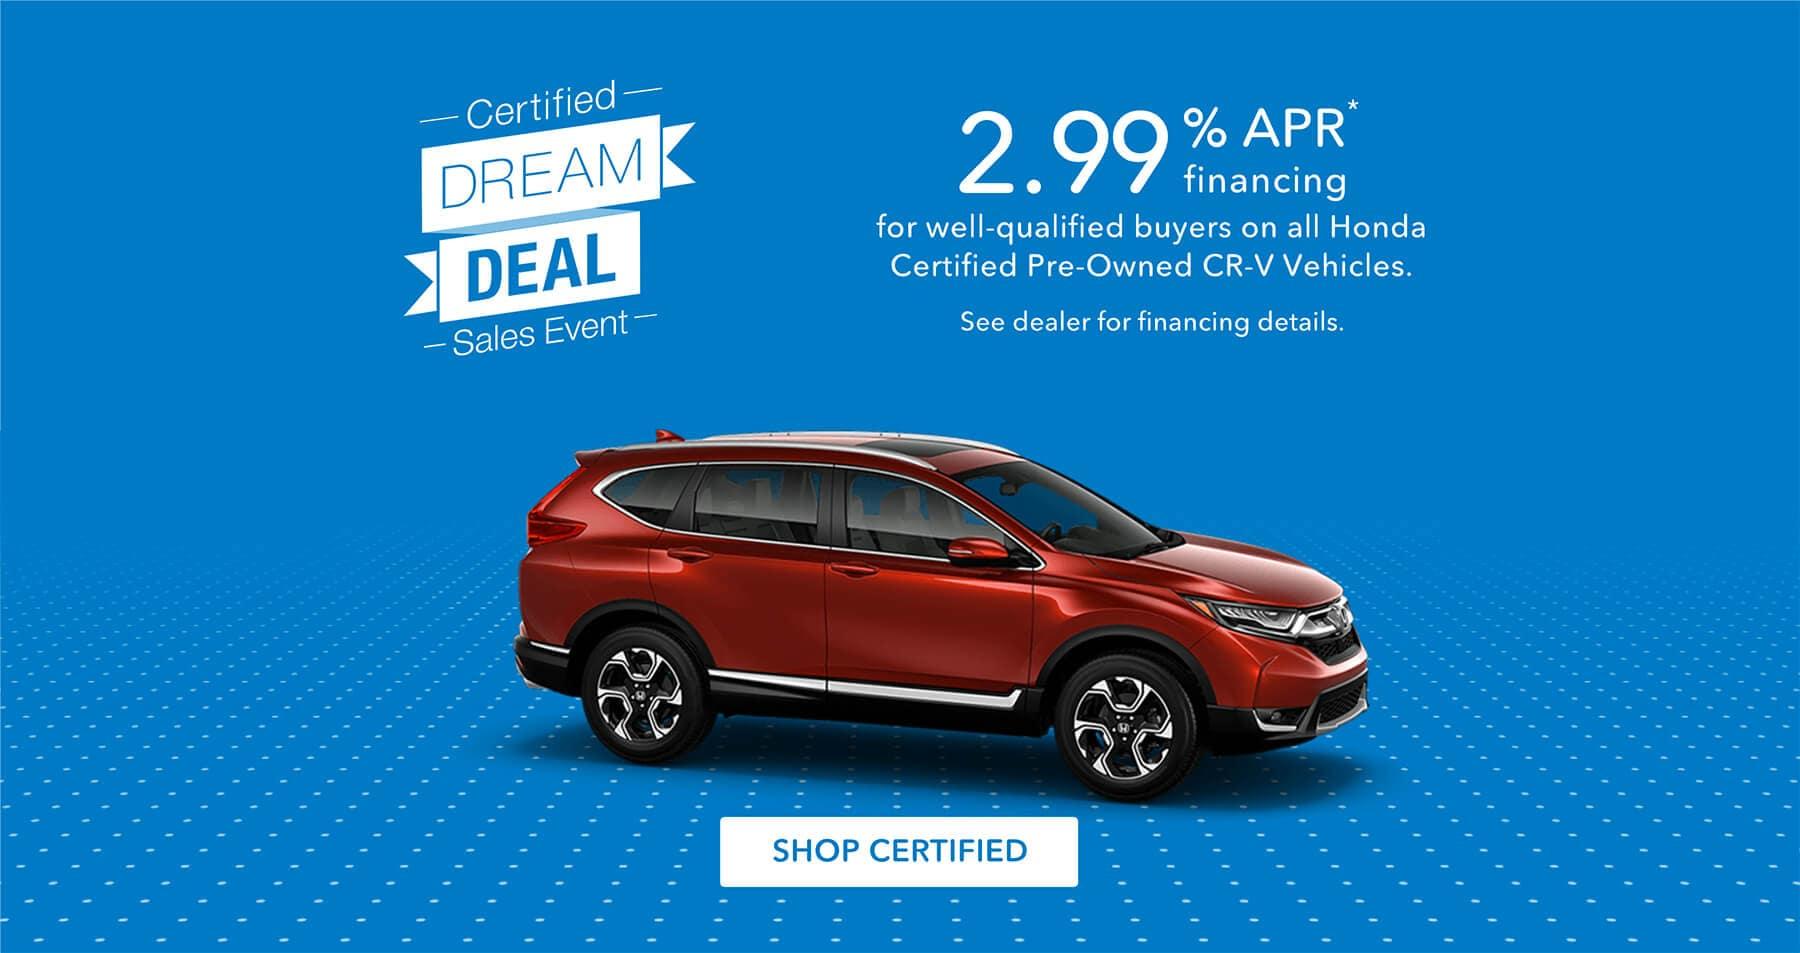 Honda Certified Dream Deal Sales Event Honda CR-V Banner